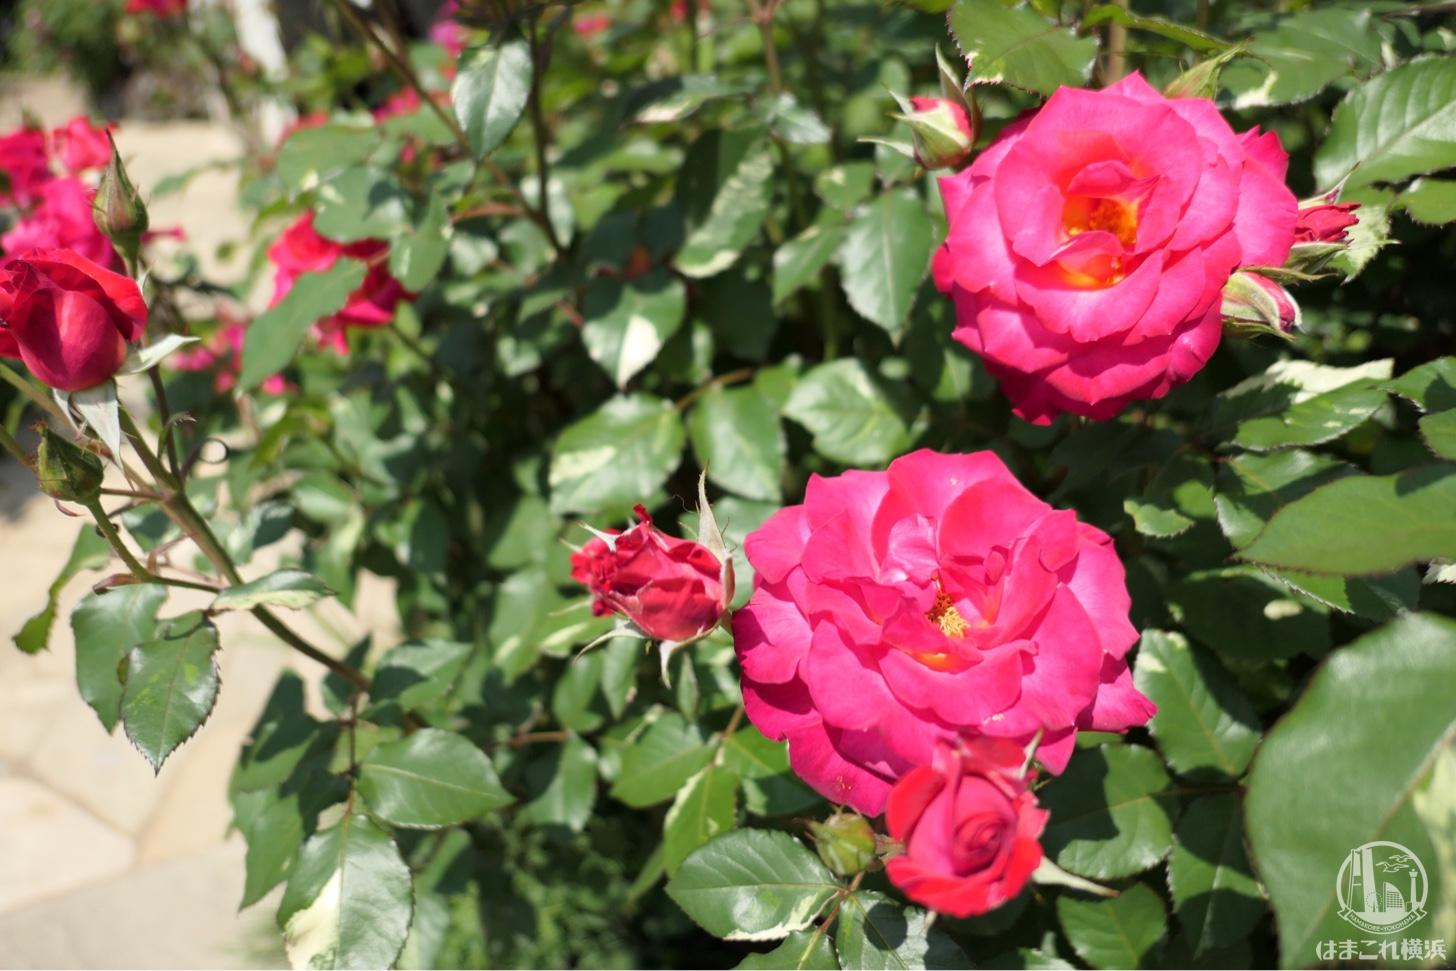 横浜イングリッシュガーデン ピンクのバラ